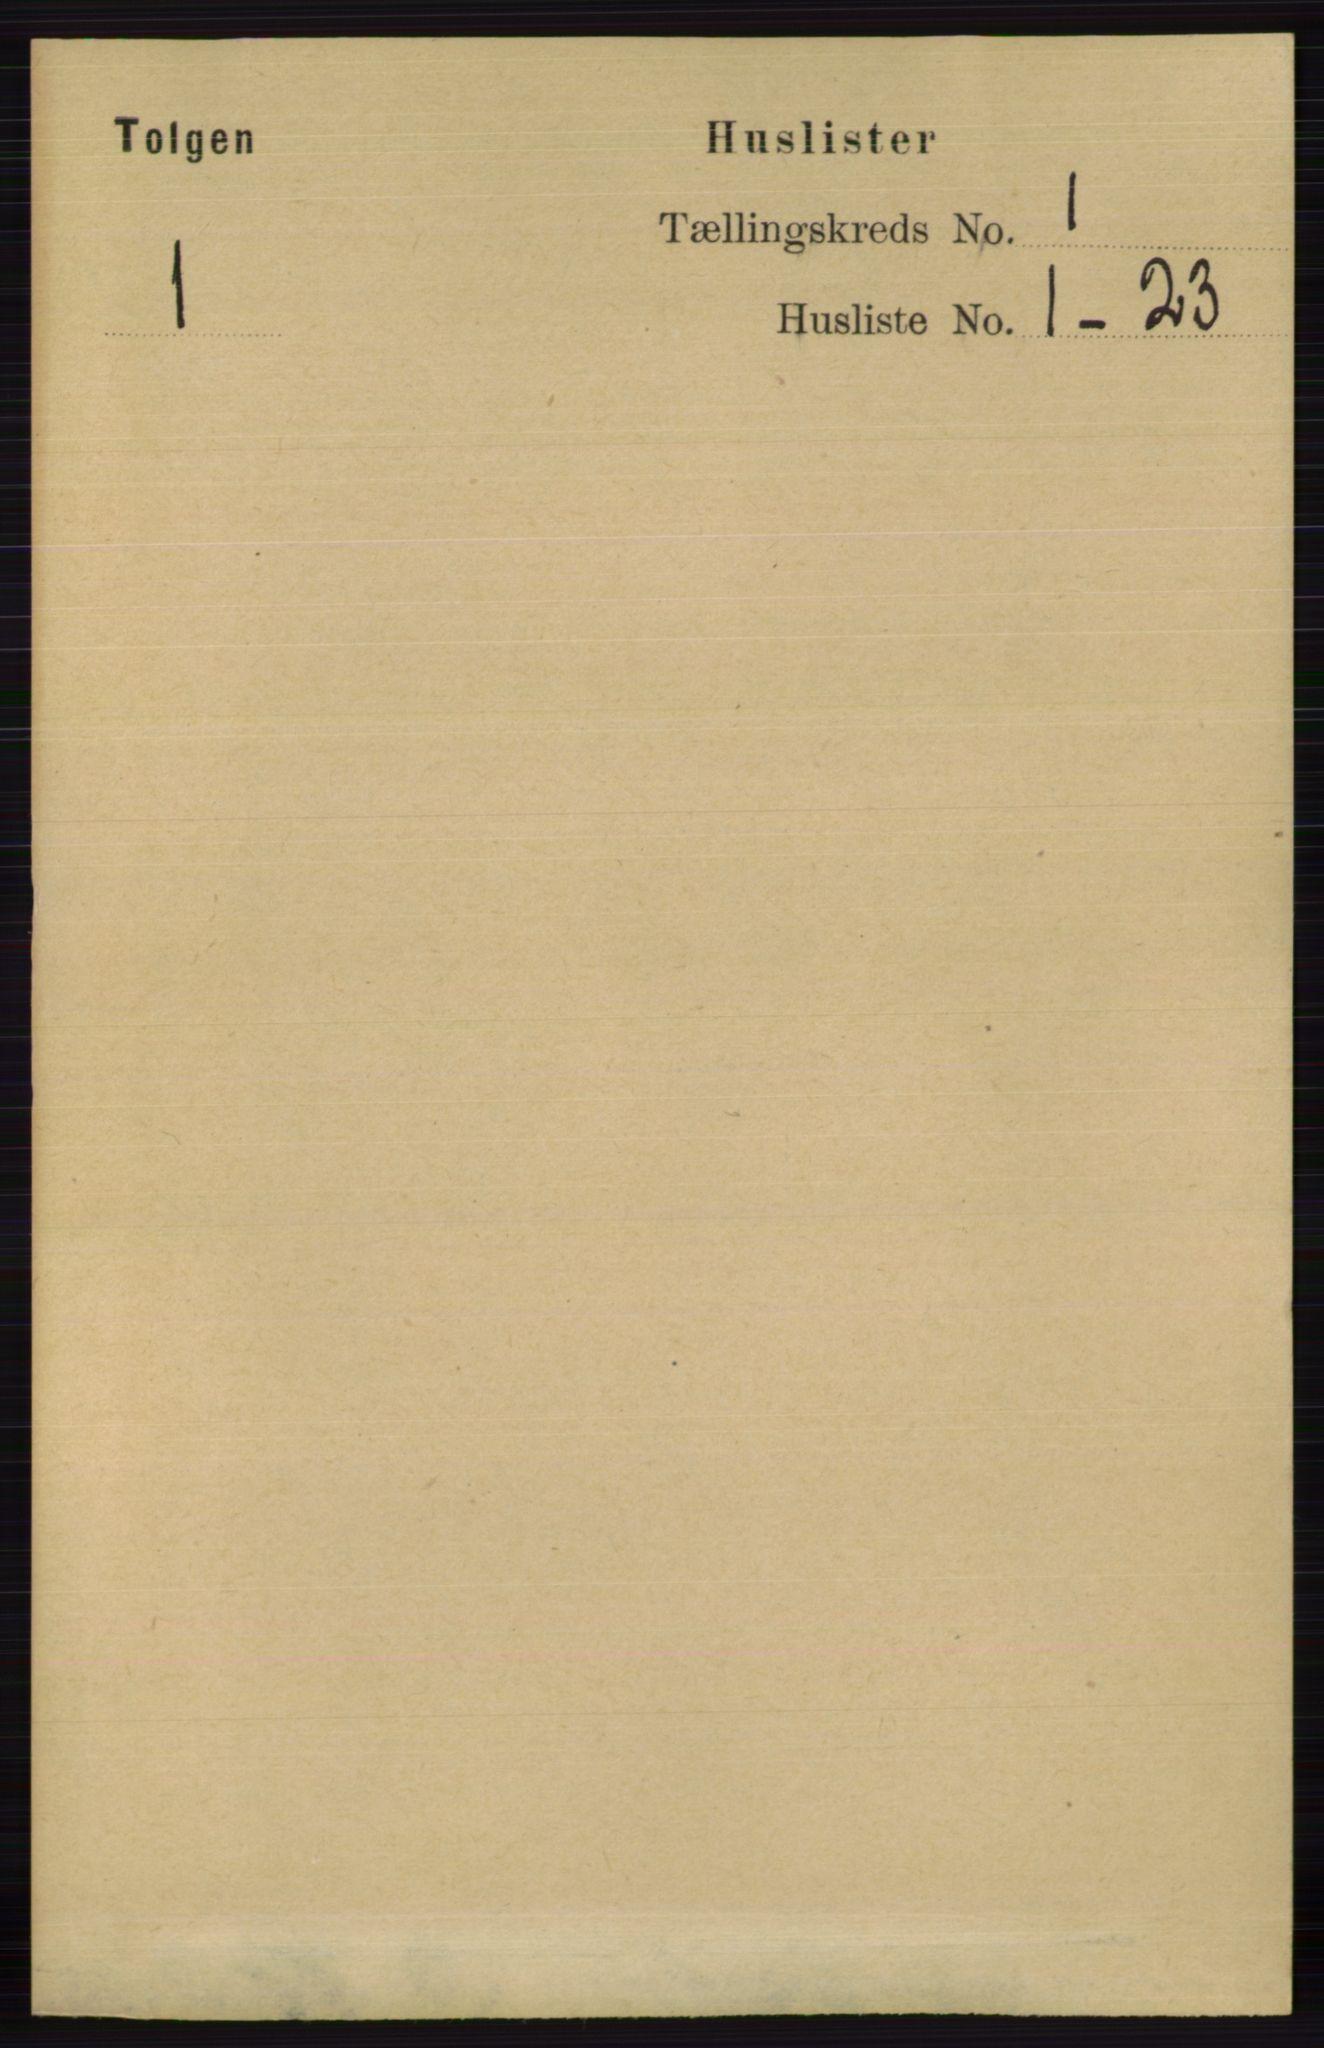 RA, Folketelling 1891 for 0436 Tolga herred, 1891, s. 45